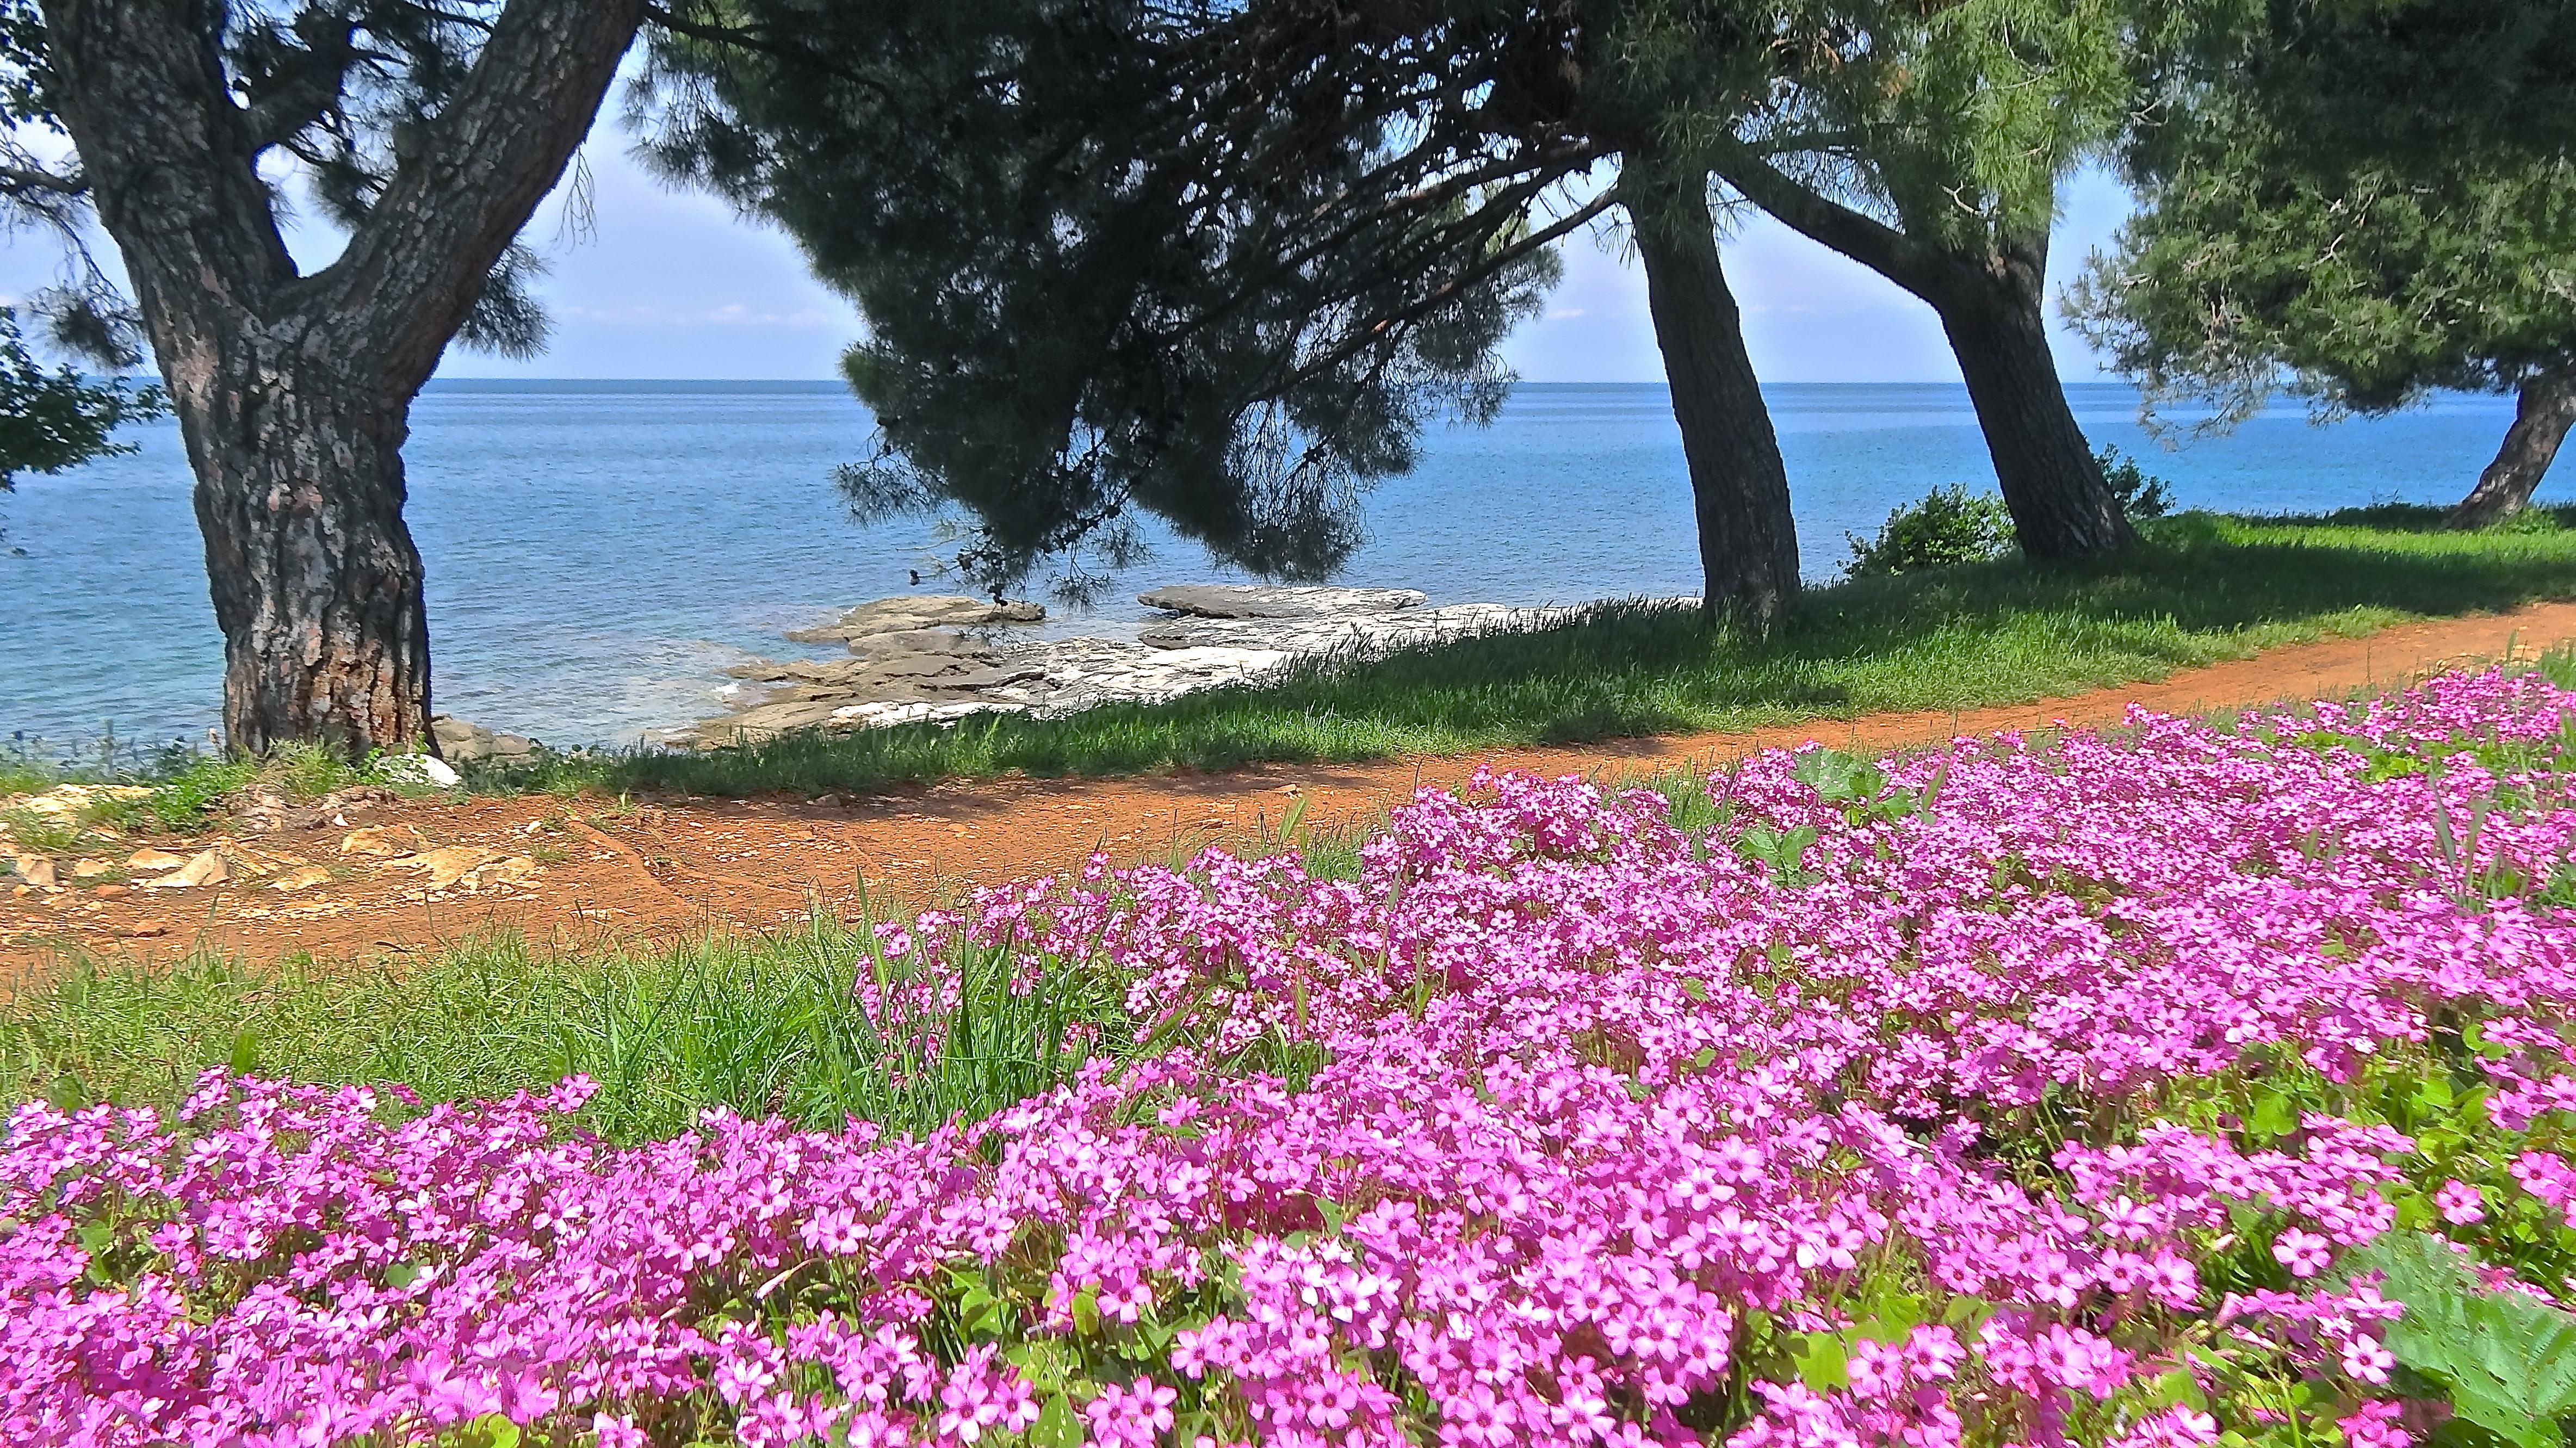 Фото виды крымского побережья содержит подробное